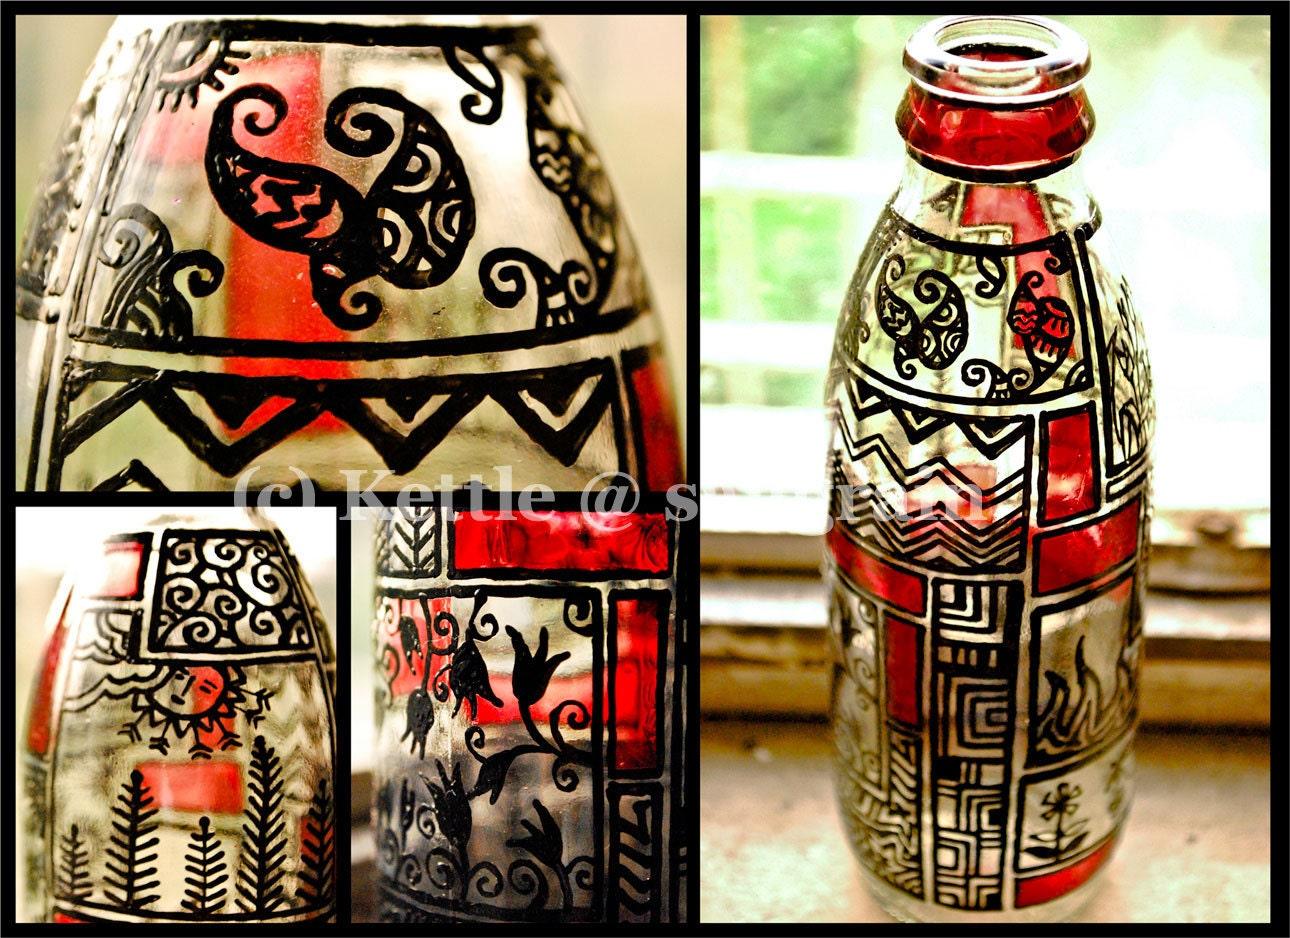 painted glass bottle candle holder. Black Bedroom Furniture Sets. Home Design Ideas